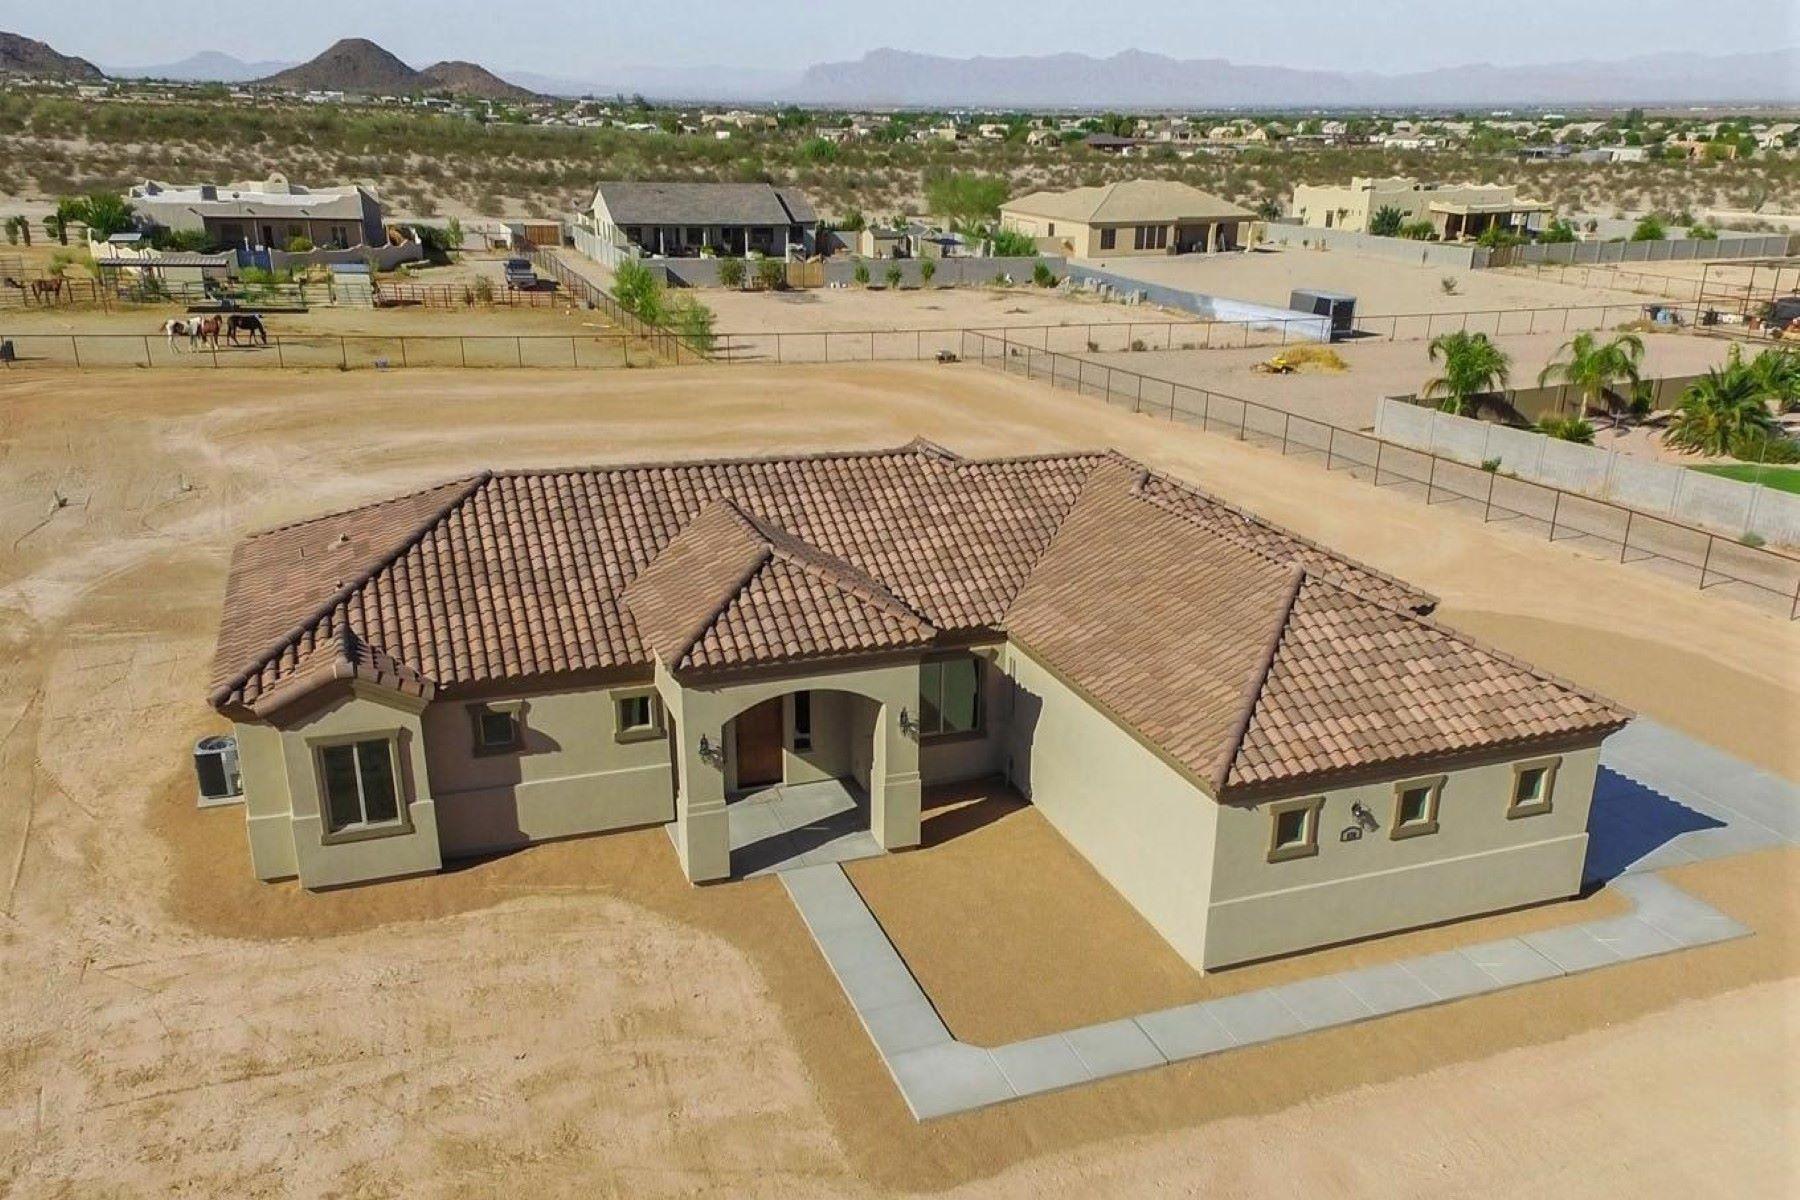 Casa Unifamiliar por un Venta en Meticulously crafted well-built home 28102 N Edwards Rd San Tan Valley, Arizona, 85143 Estados Unidos